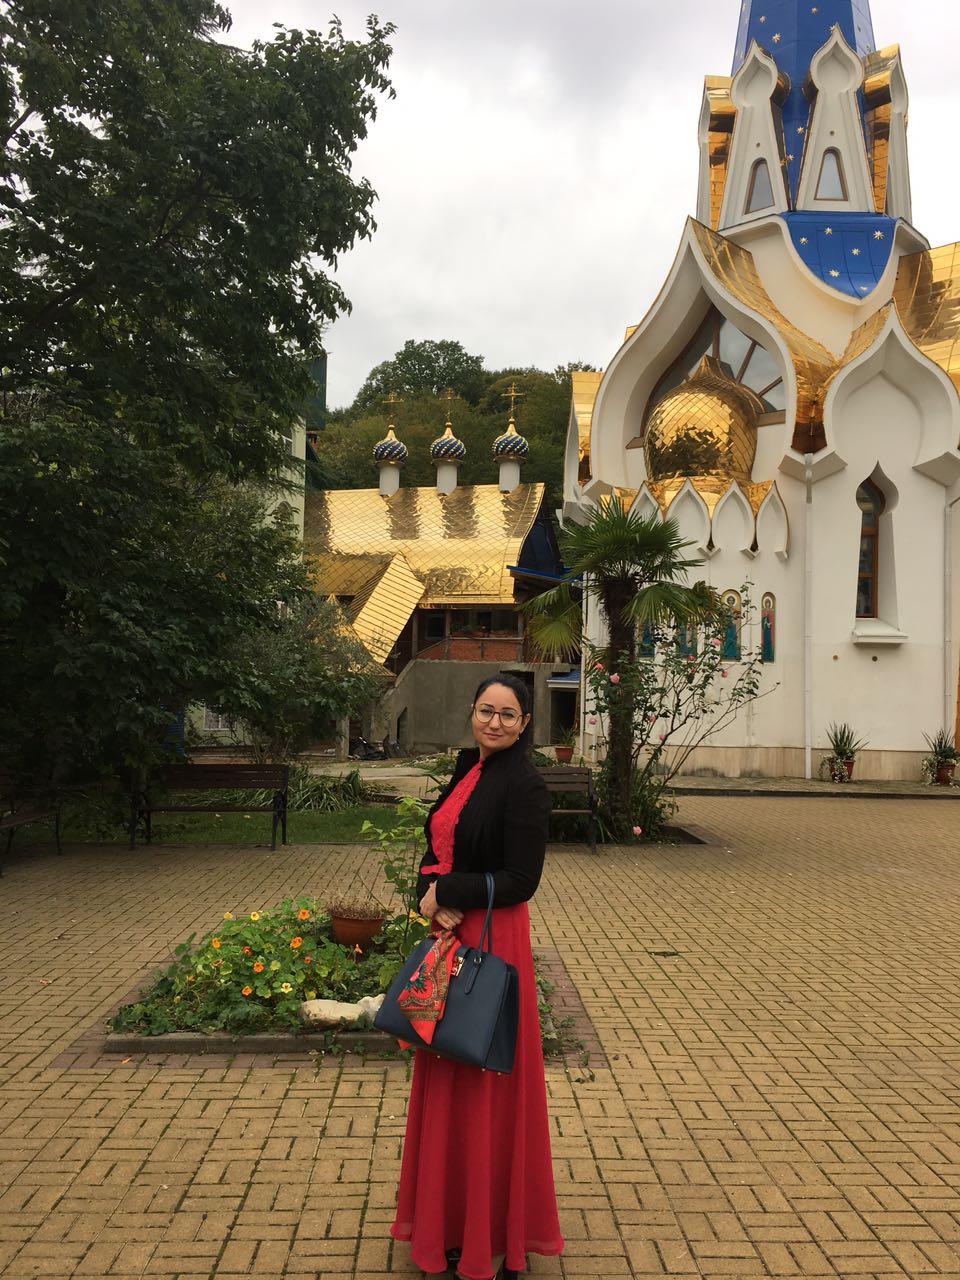 Илгизя Шарафиева, Шарафиева Илгизя Ирековна